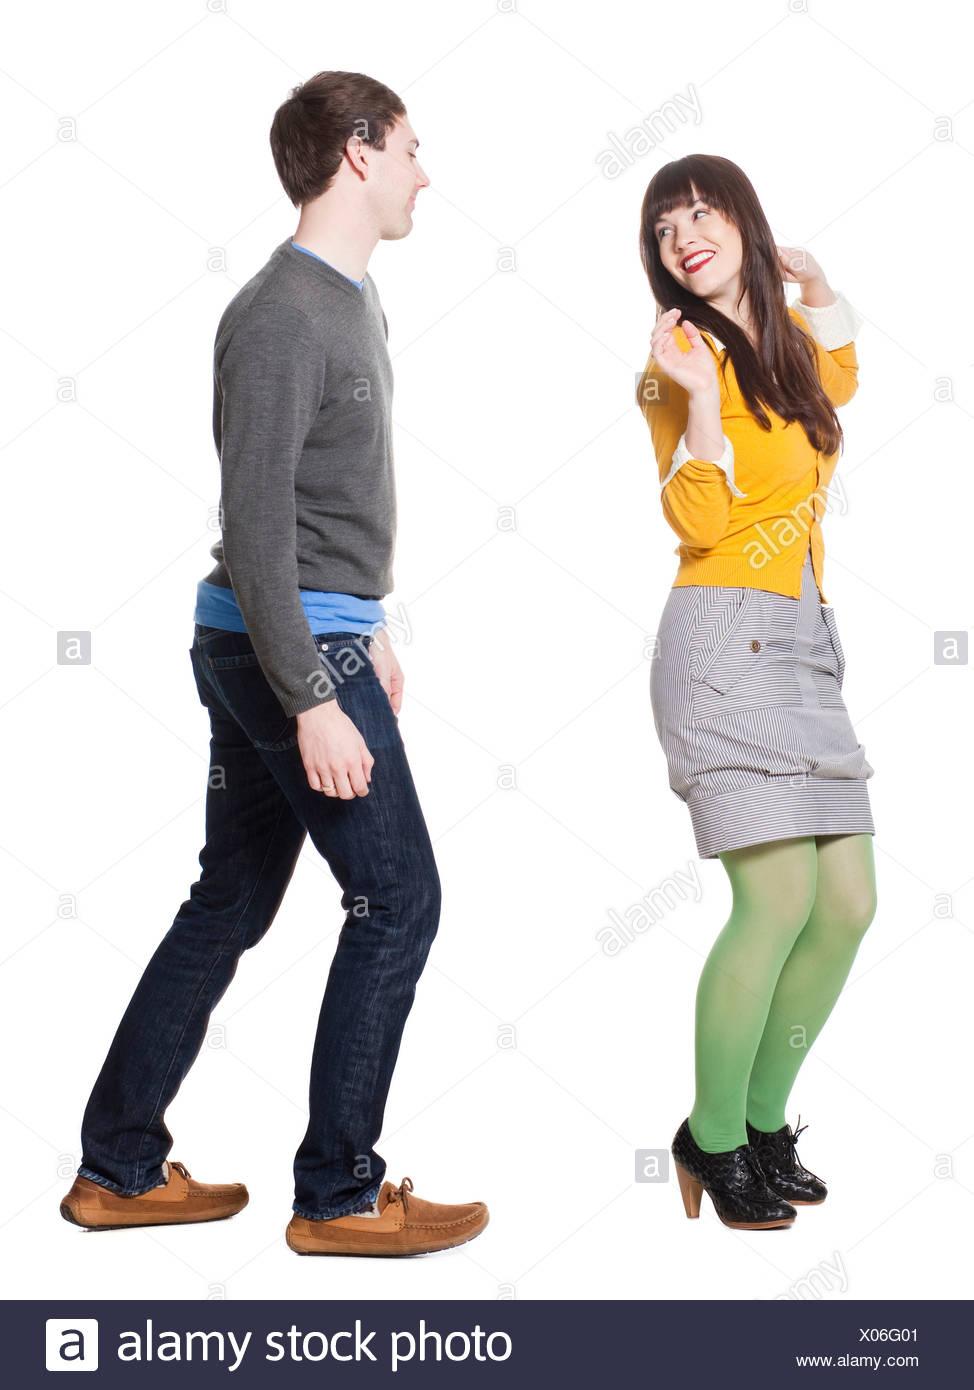 Young couple dancing, studio shot - Stock Image